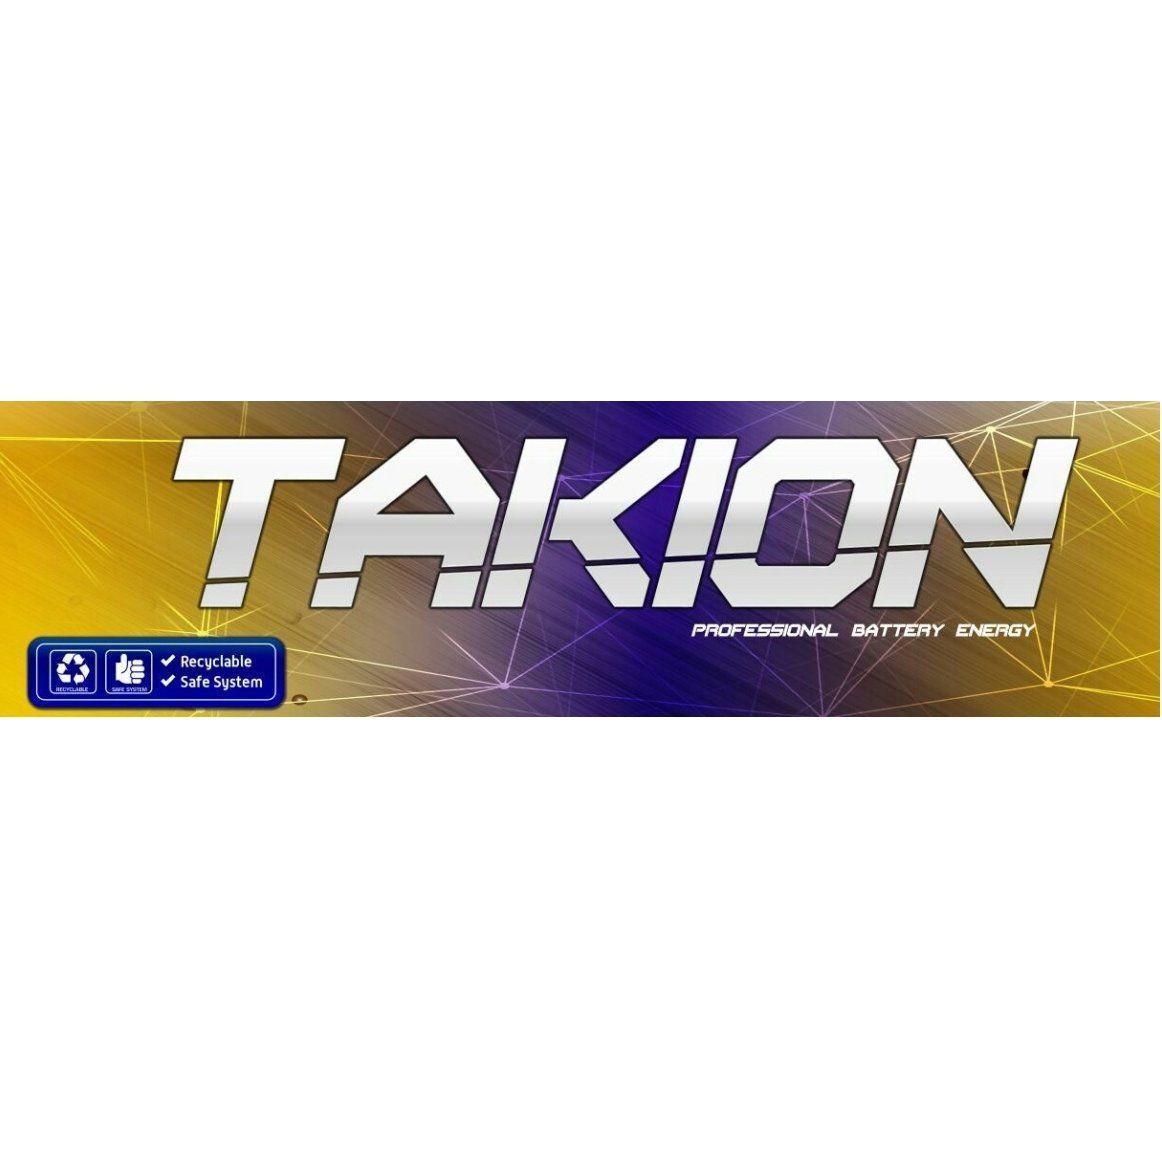 Coche - Takion Cover 75: Venta de baterías de Baterías para Vehículos